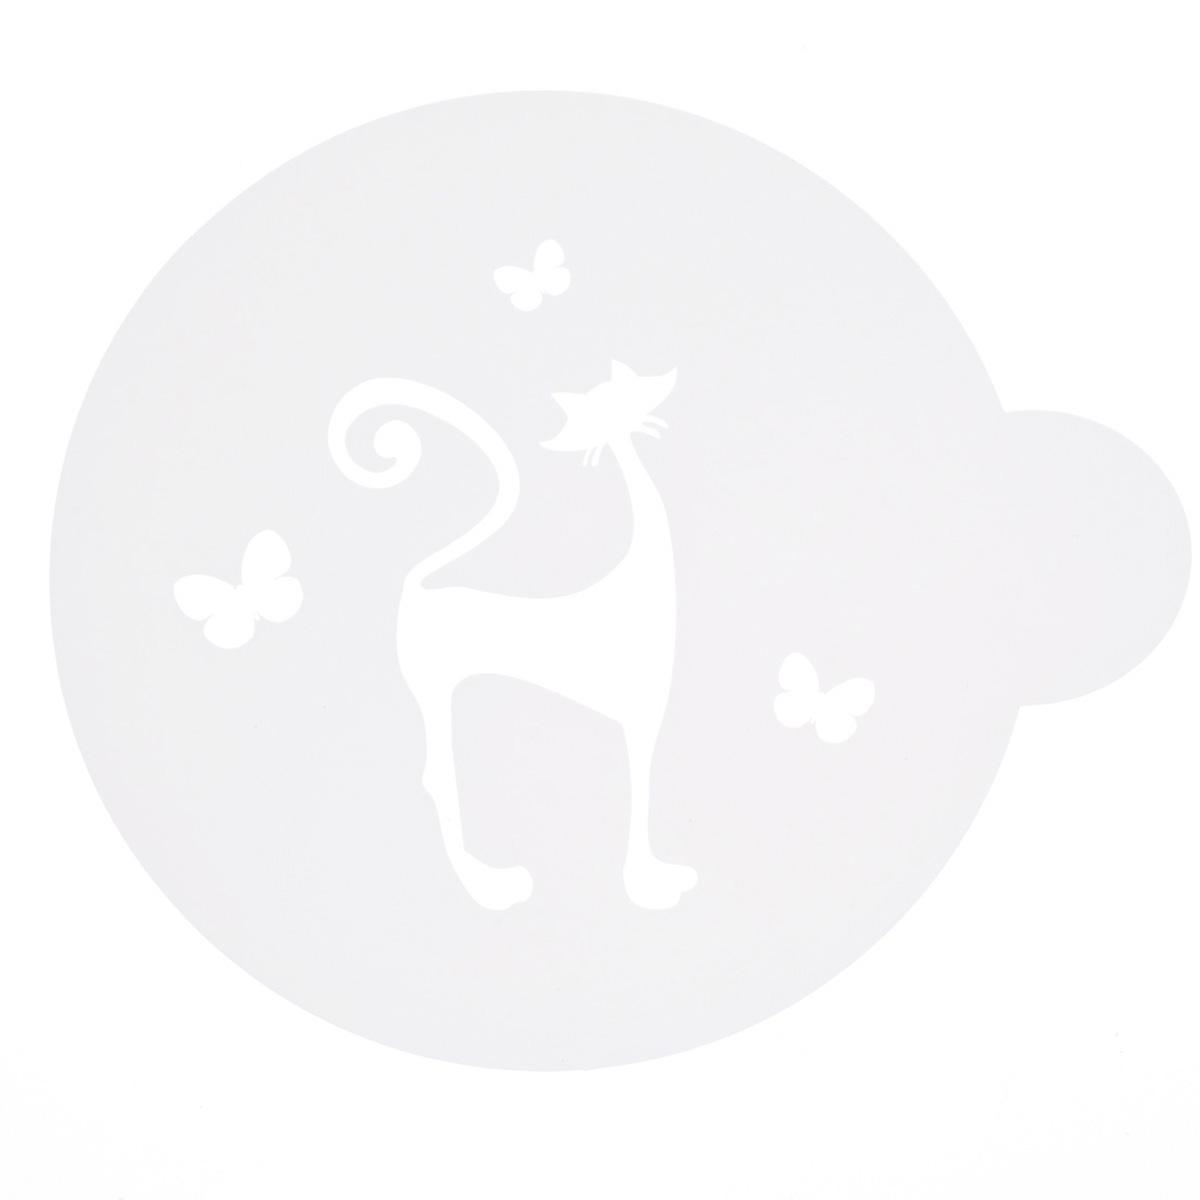 Трафарет на кофе и десерты Леденцовая фабрика Кошечка и бабочки, диаметр 10 см633028Трафарет представляет собой пластину с прорезями, через которые пищевая краска (сахарная пудра, какао, шоколад, сливки, корица, дробленый орех) наносится на поверхность кофе, молочных коктейлей, десертов. Трафарет изготовлен из матового пищевого пластика 250 мкм и пригоден для контакта с пищевыми продуктами. Трафарет многоразовый. Побалуйте себя и ваших близких красиво оформленным кофе.